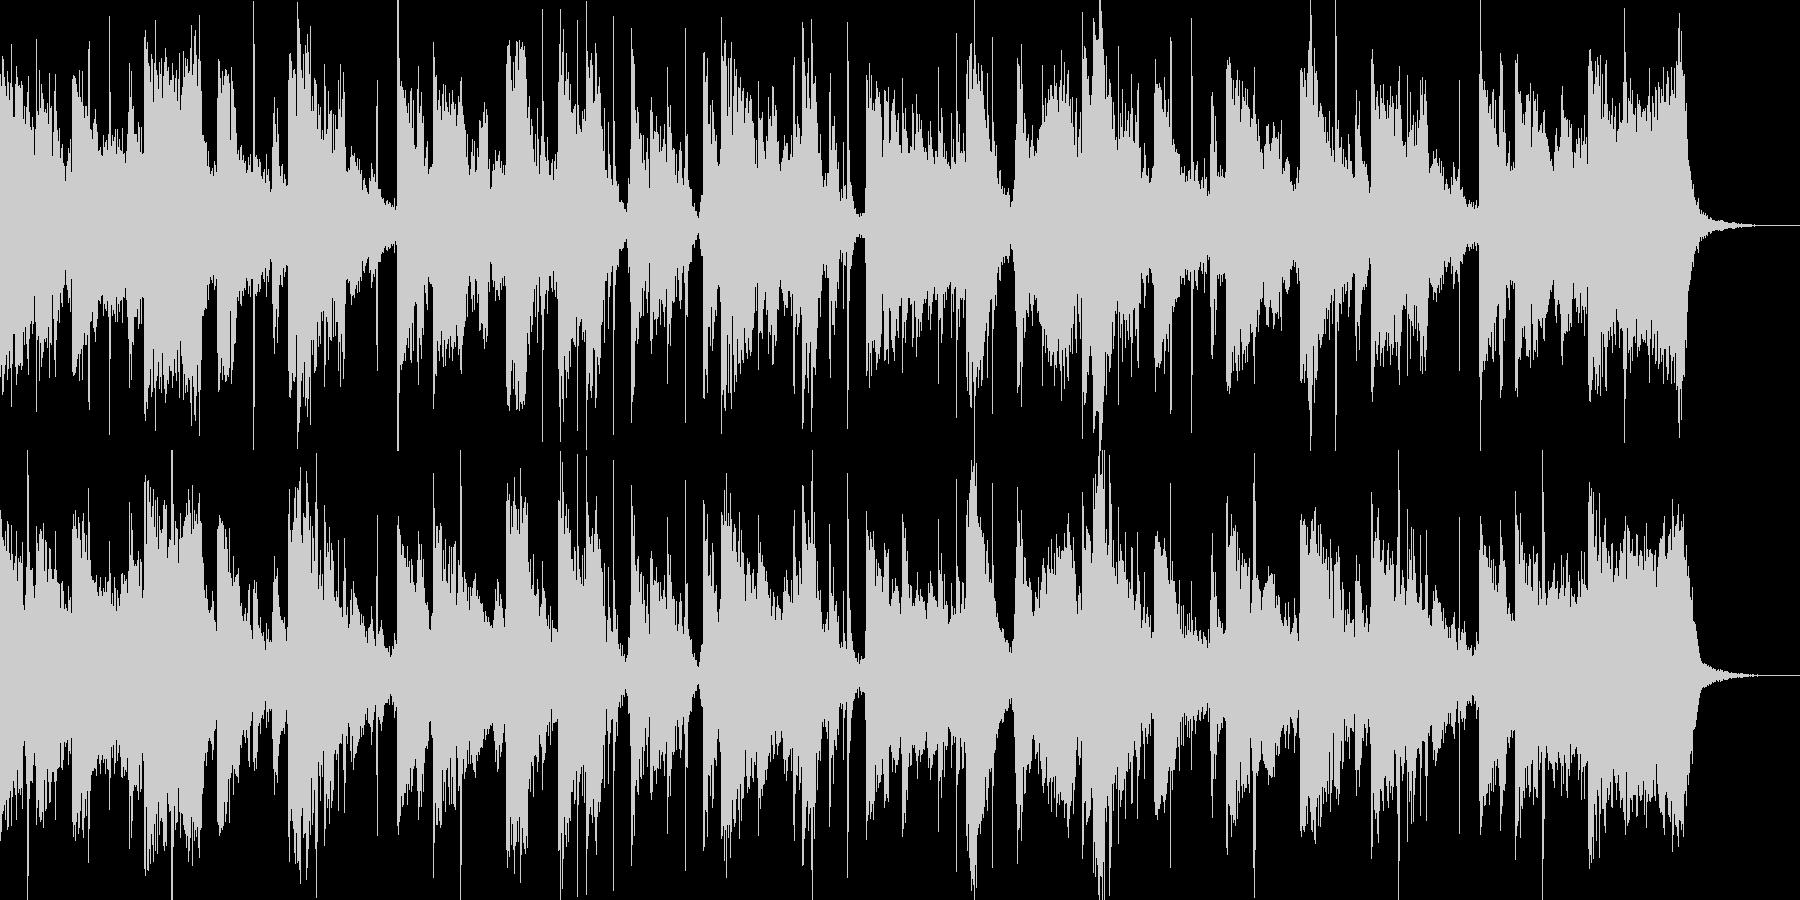 シネマティックパーカッションのトレーラーの未再生の波形